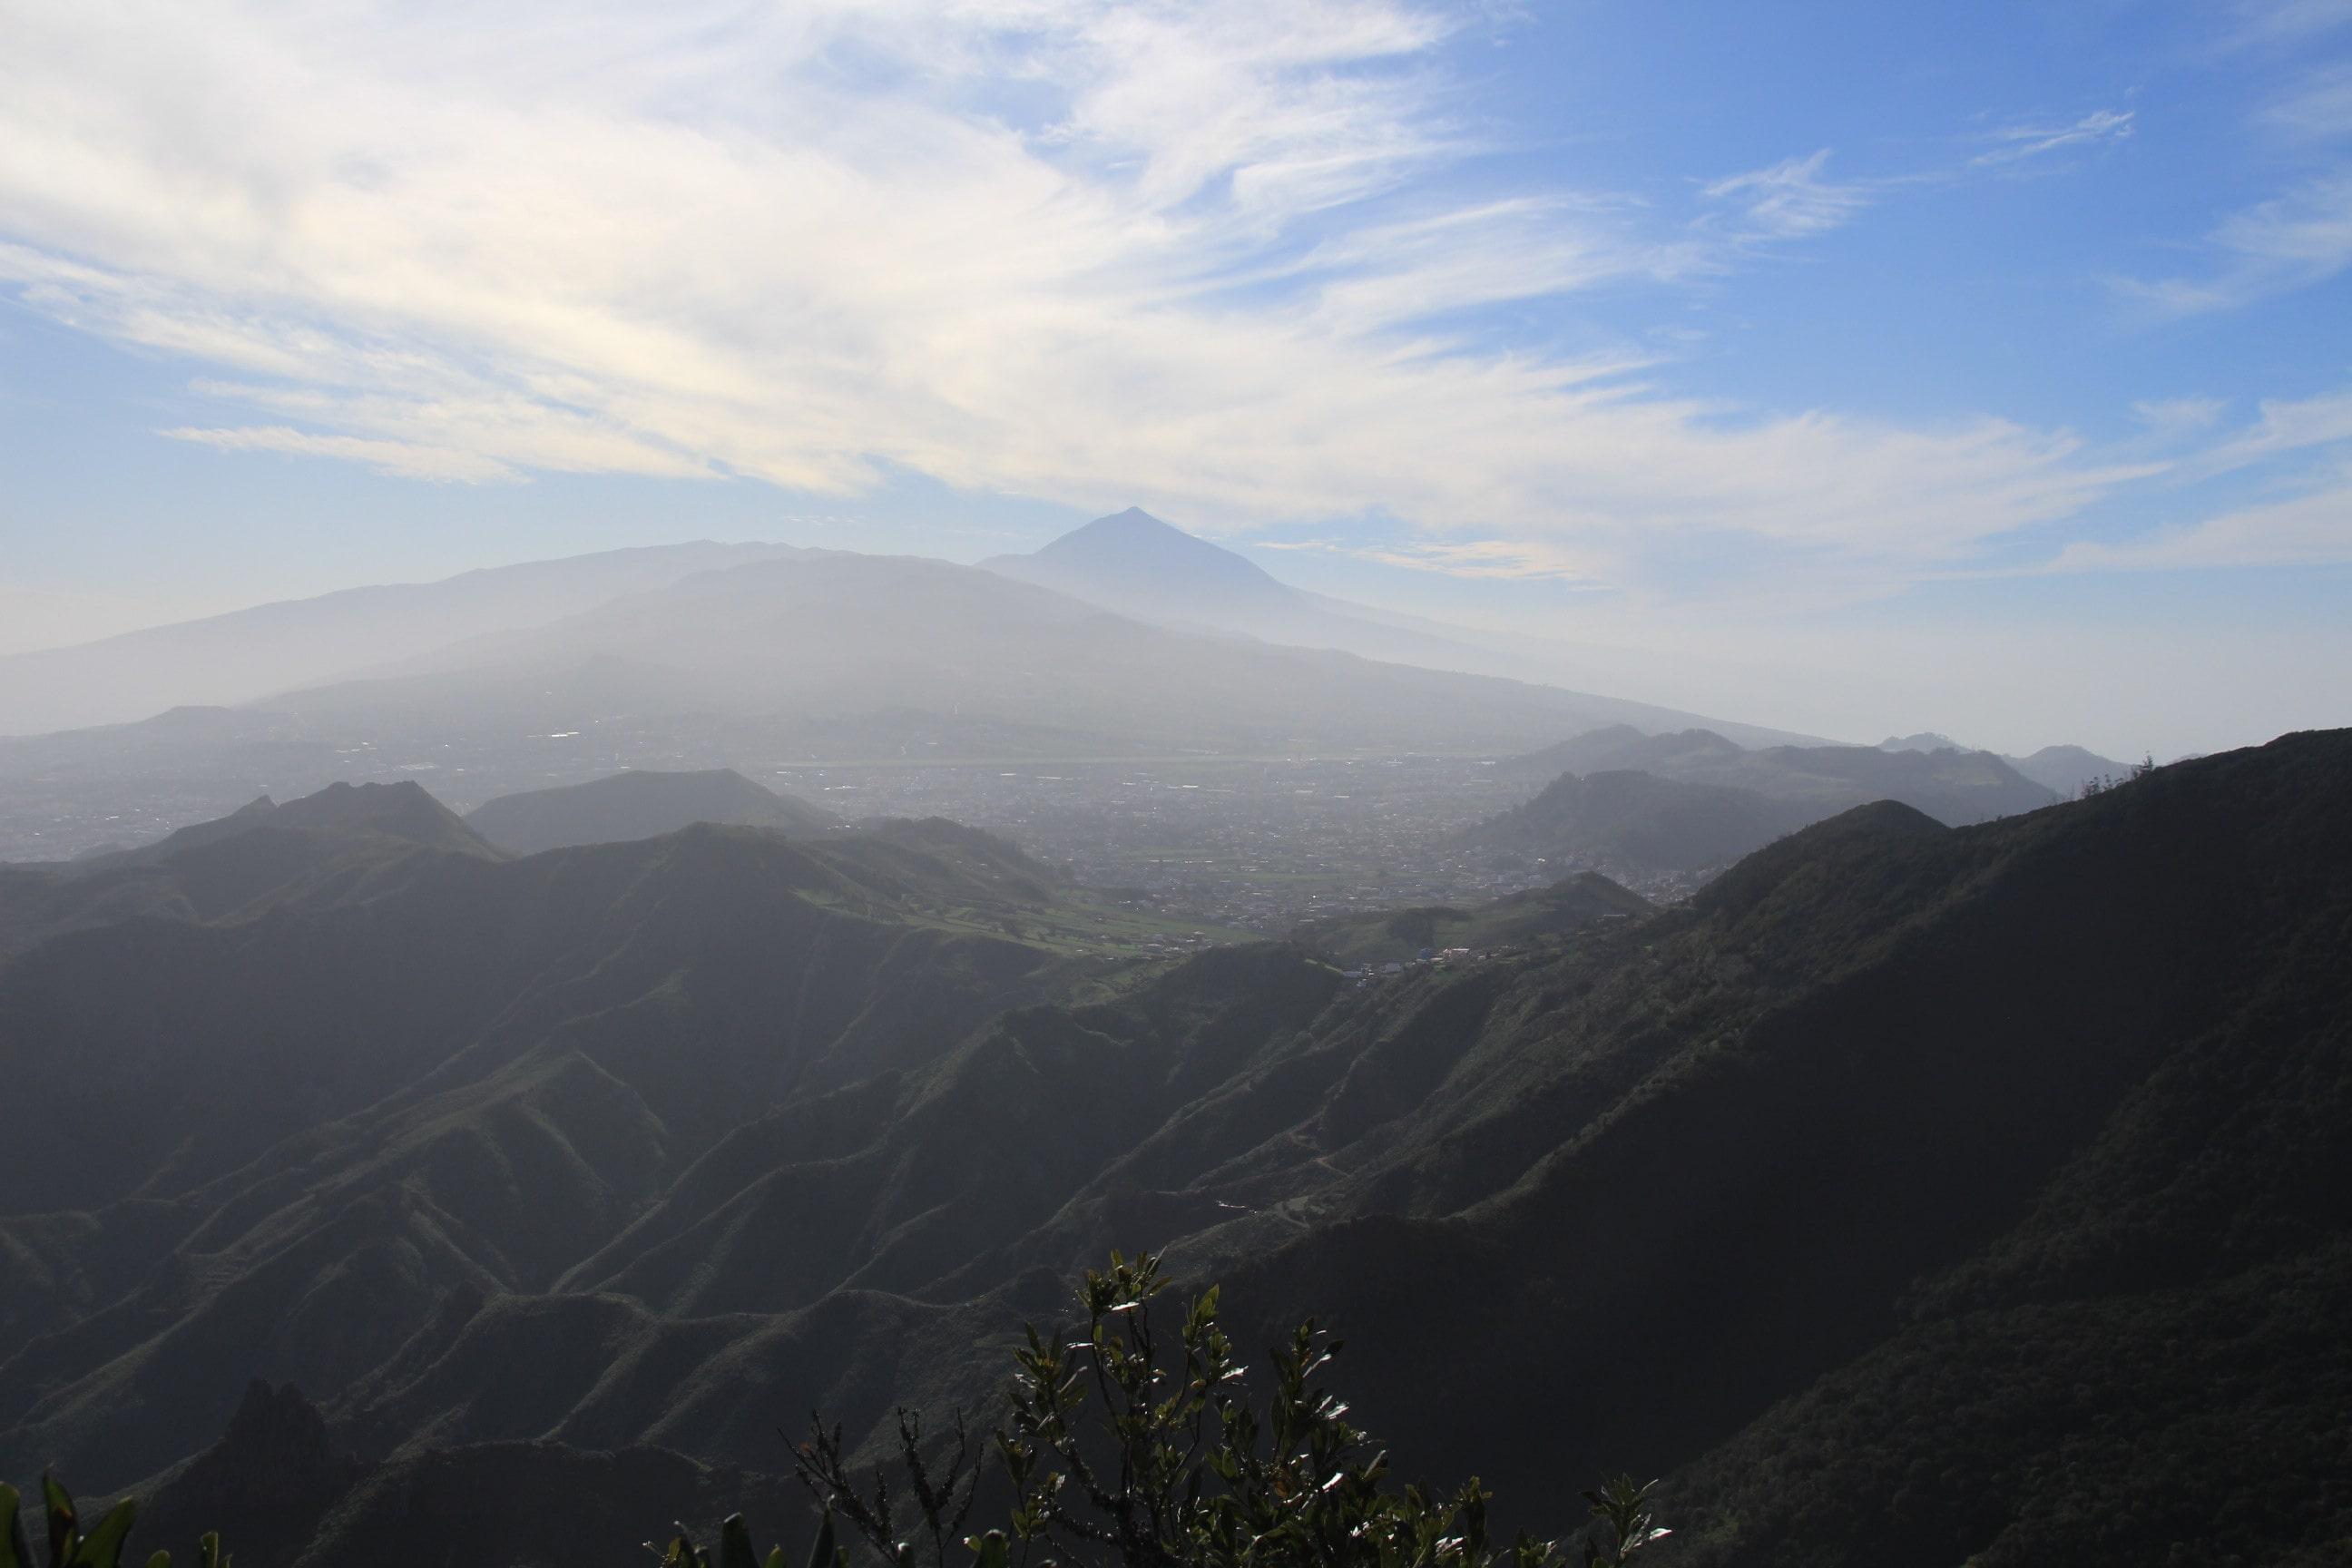 Mirador pico del ingles aussicht zum Teide